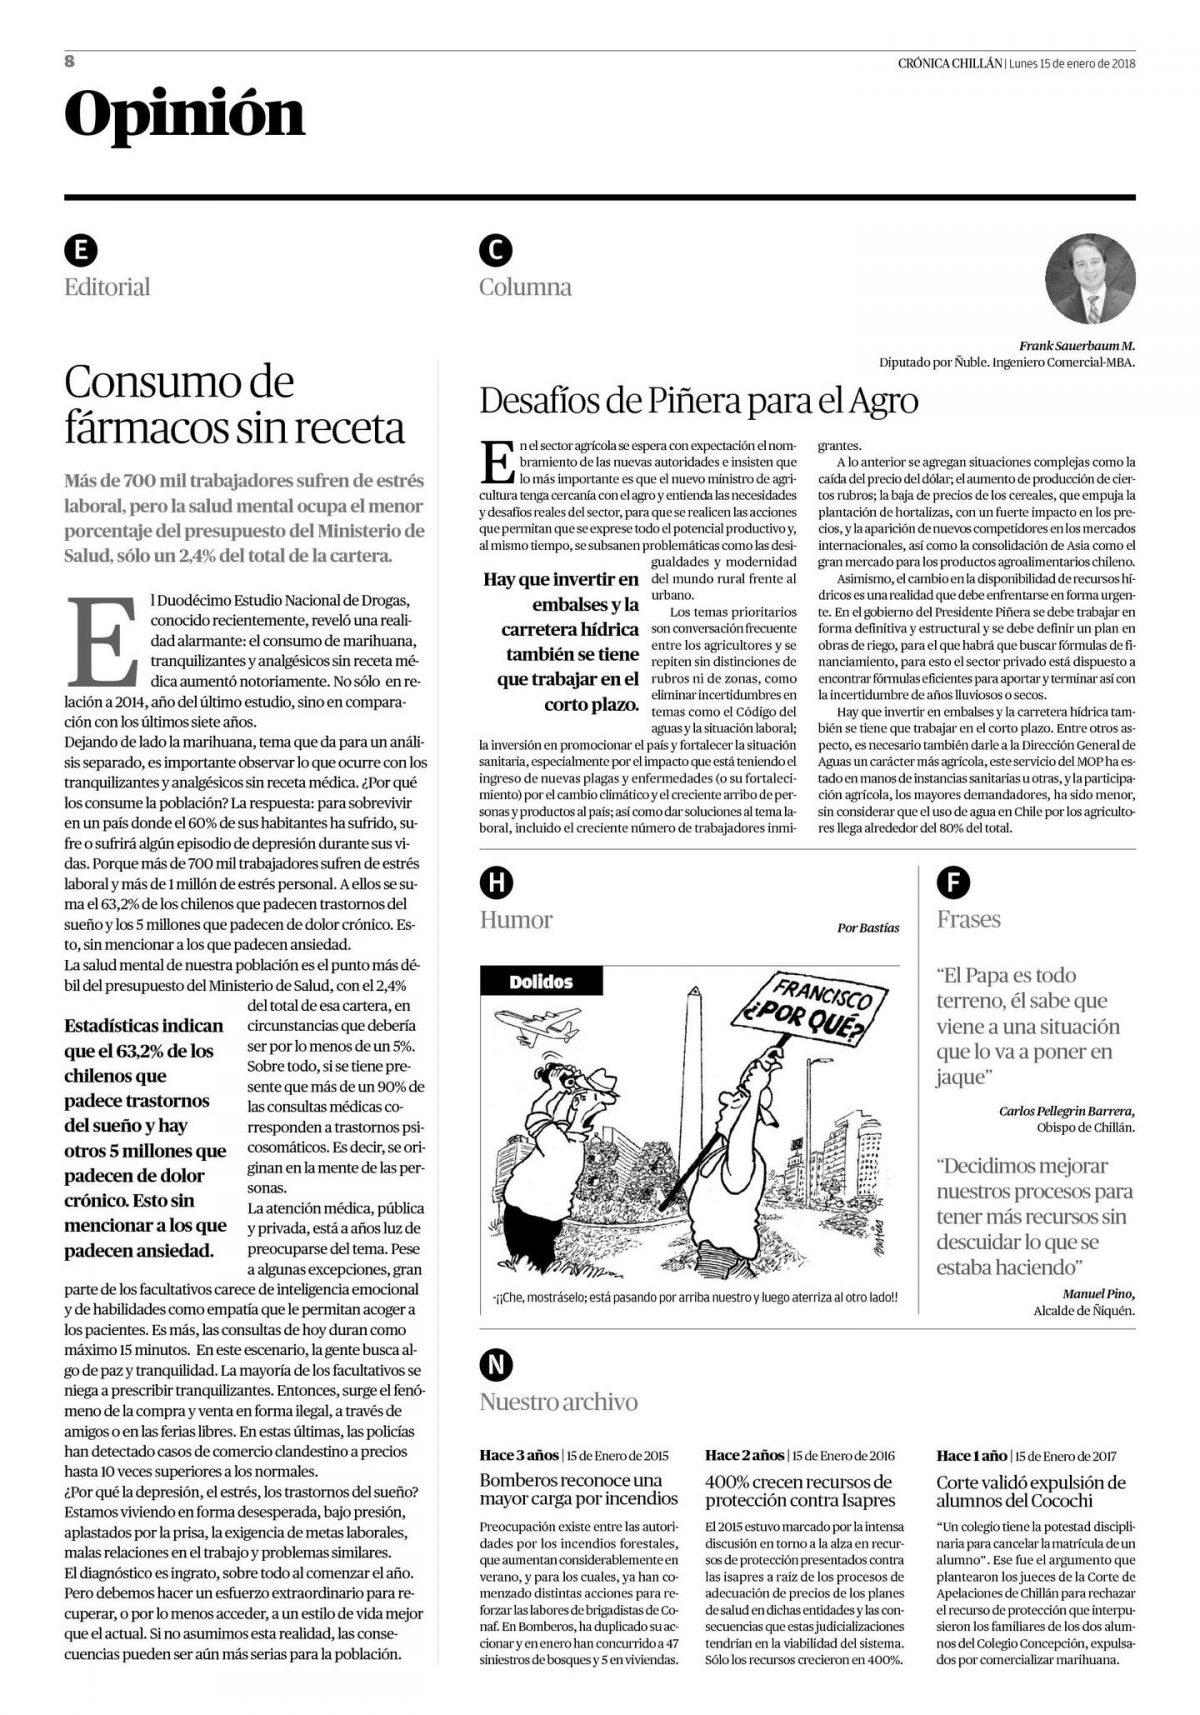 Desafíos de Piñera para el Agro